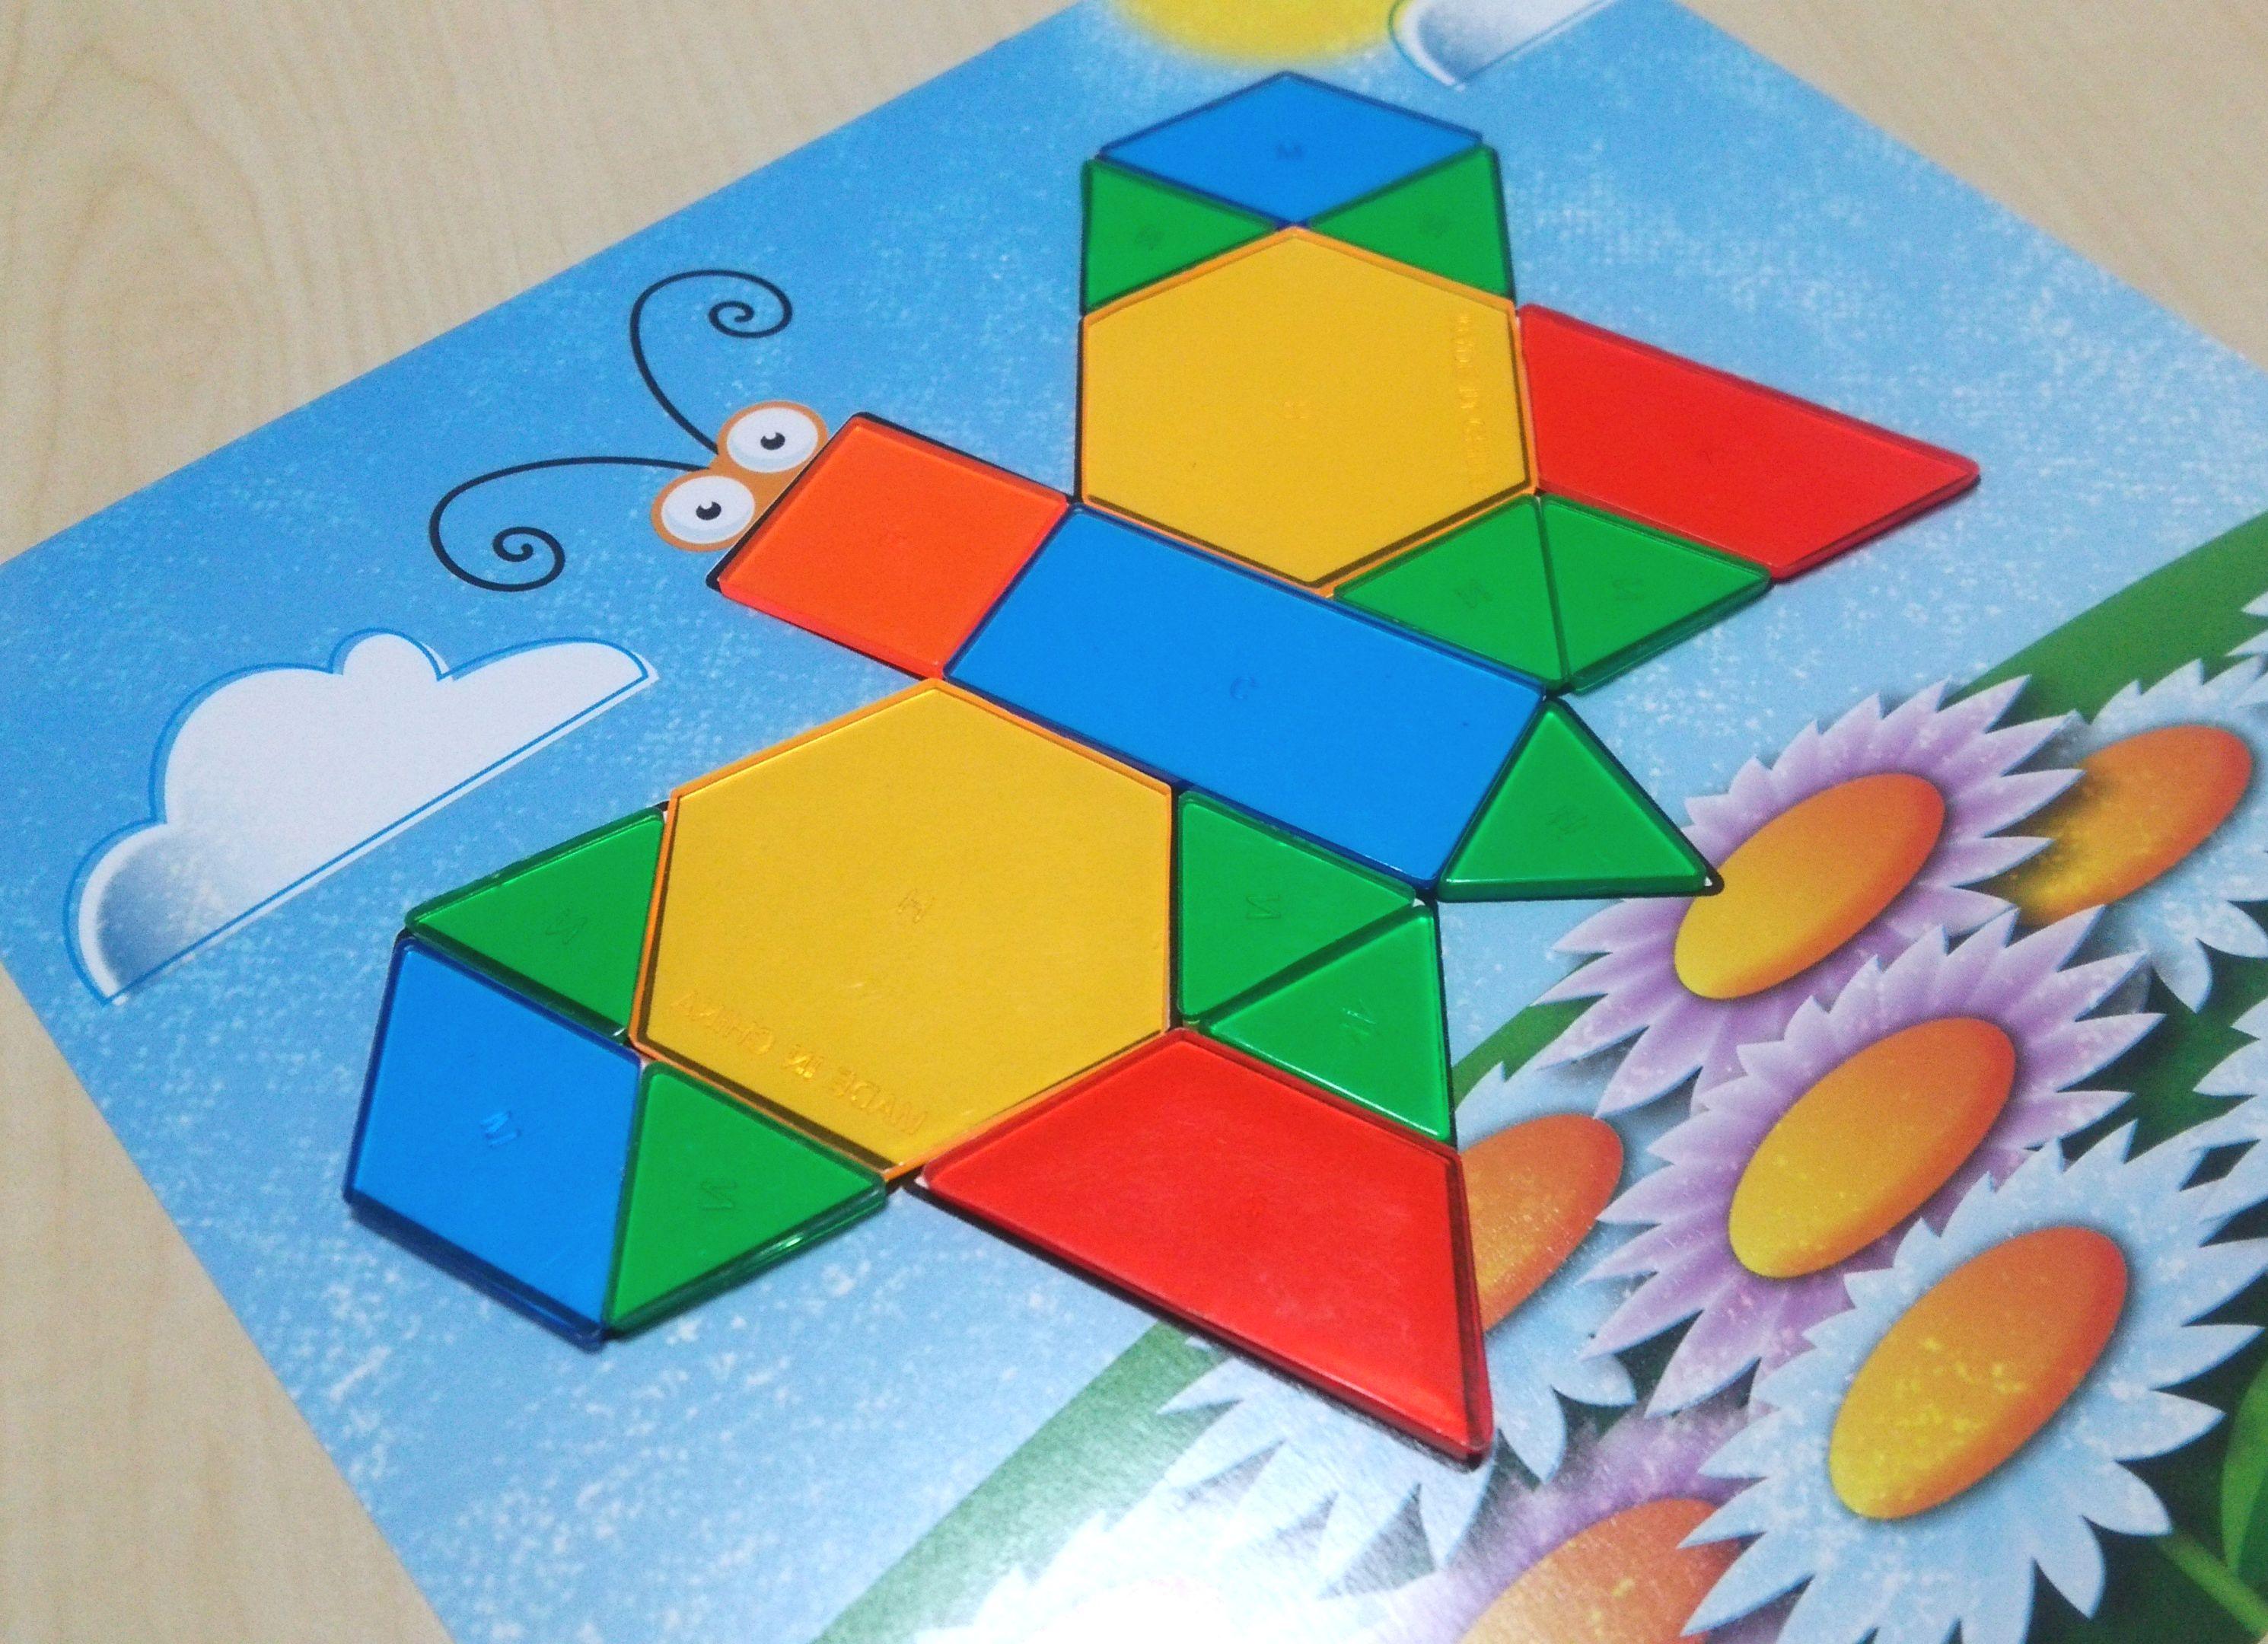 平面図形の合成の基本が身につくパズル『Learning Resources Shapes – Don't Bug Me』